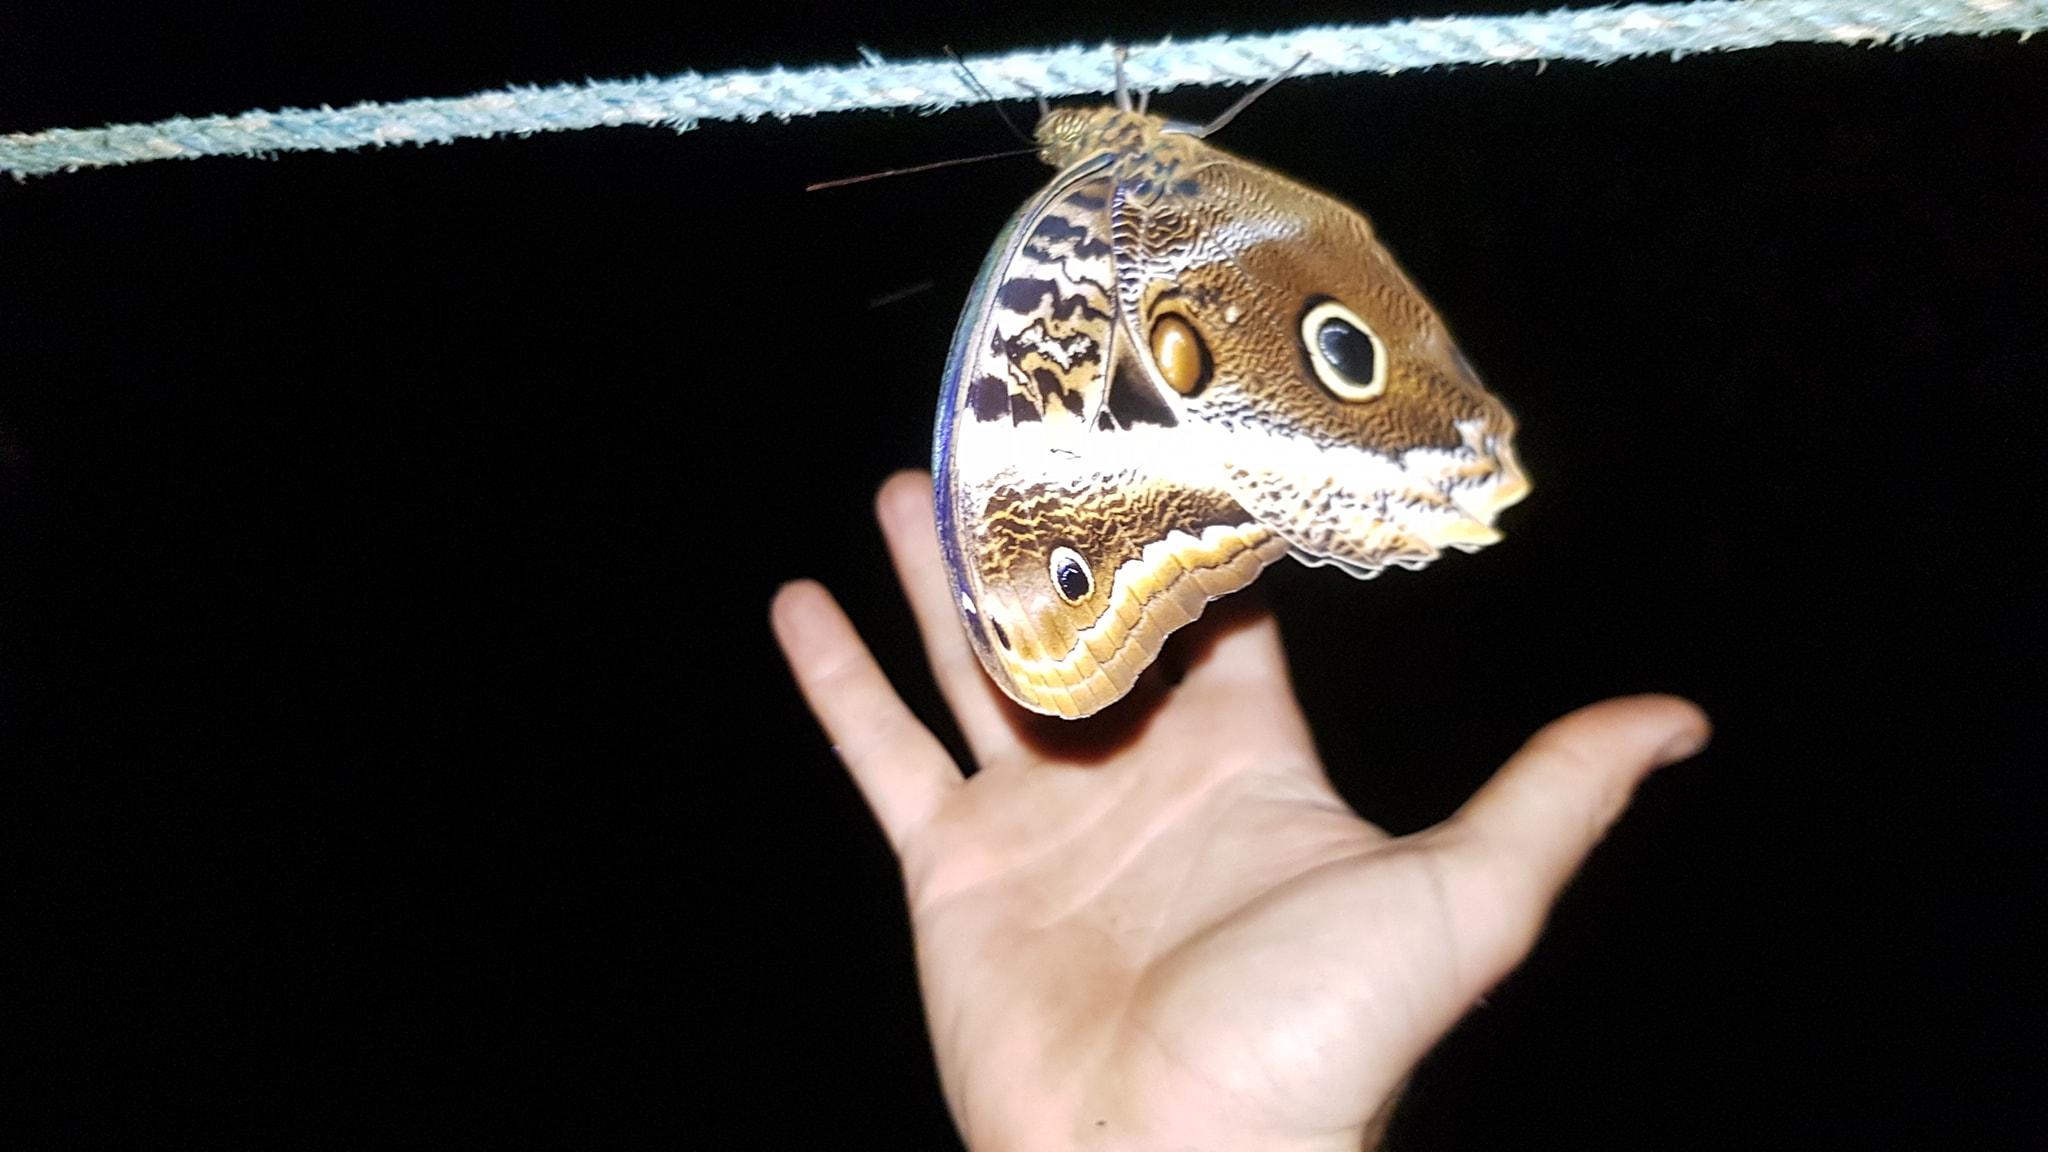 My butterfly pal. Photo: Darren Grigas